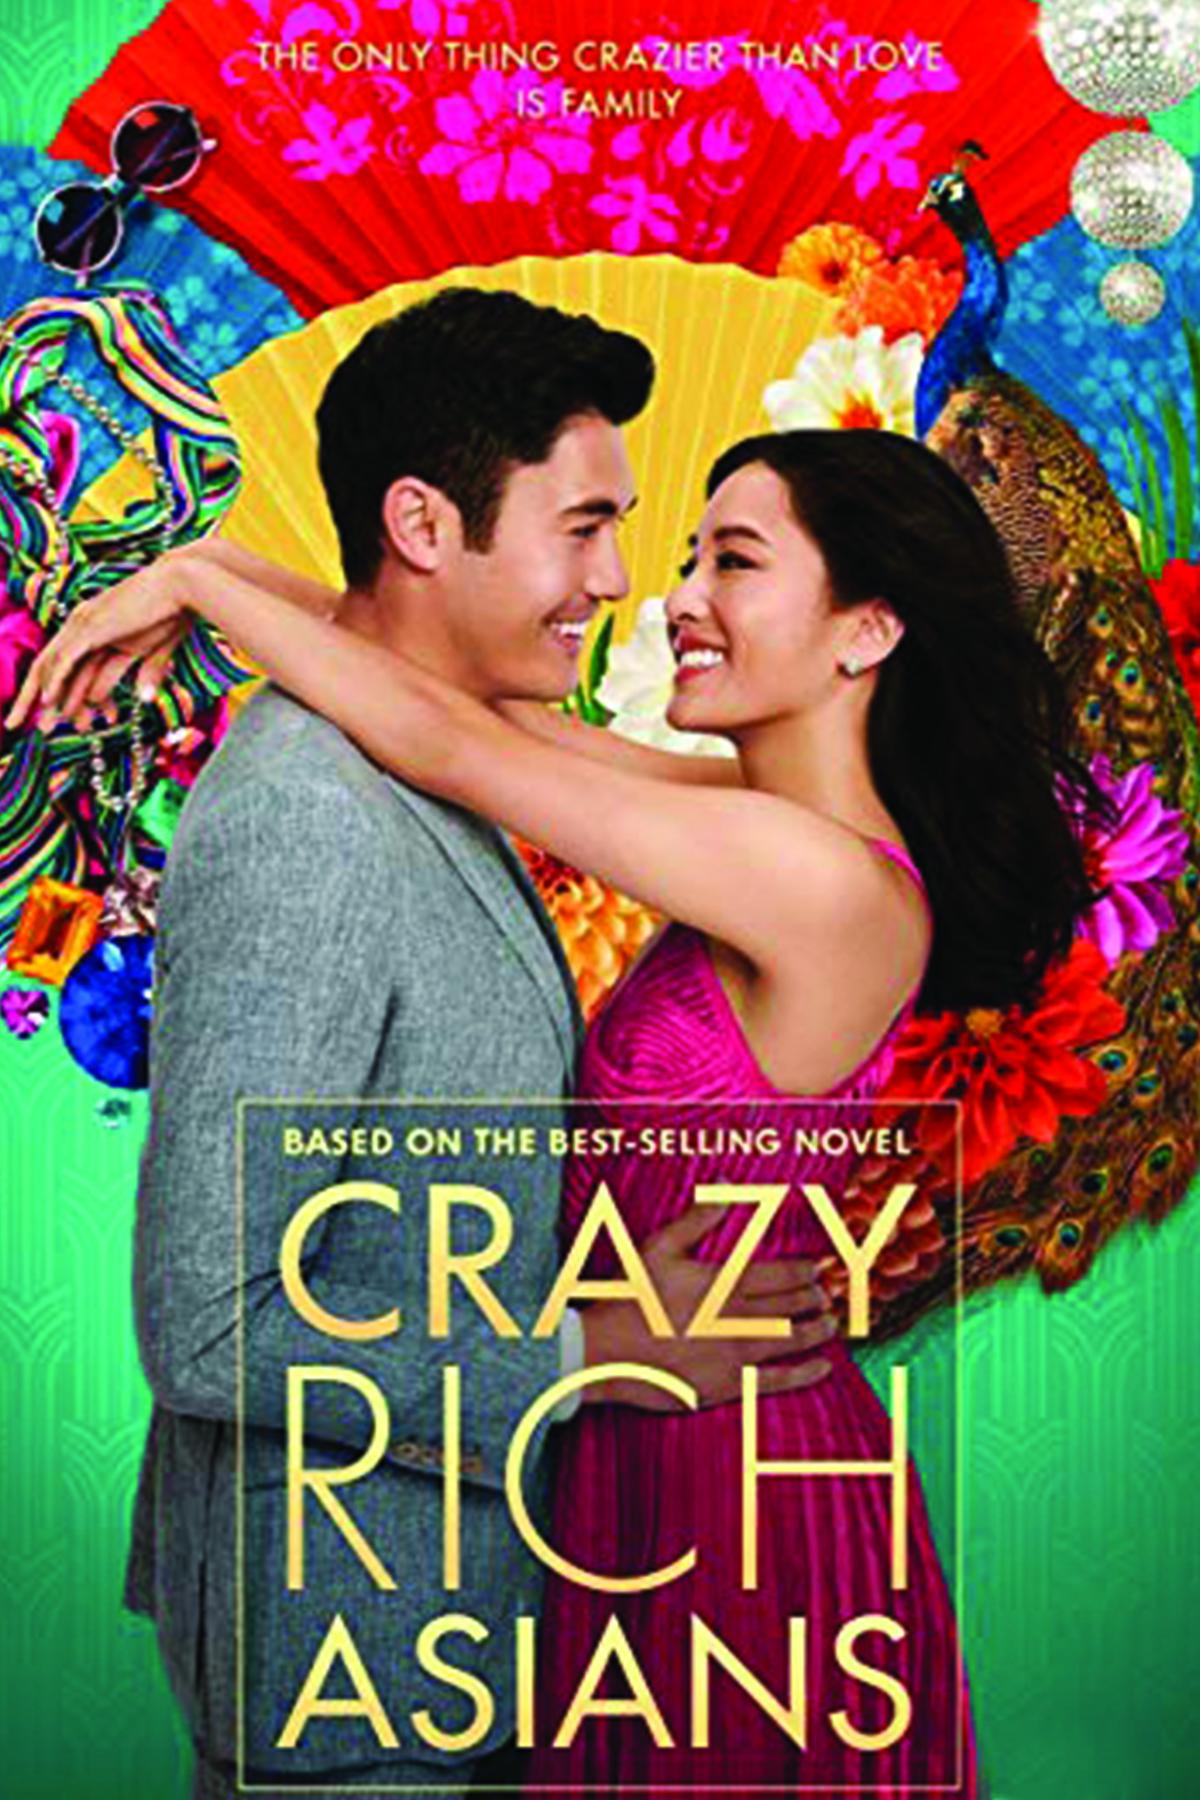 Crazy Rich Asians • PG-13